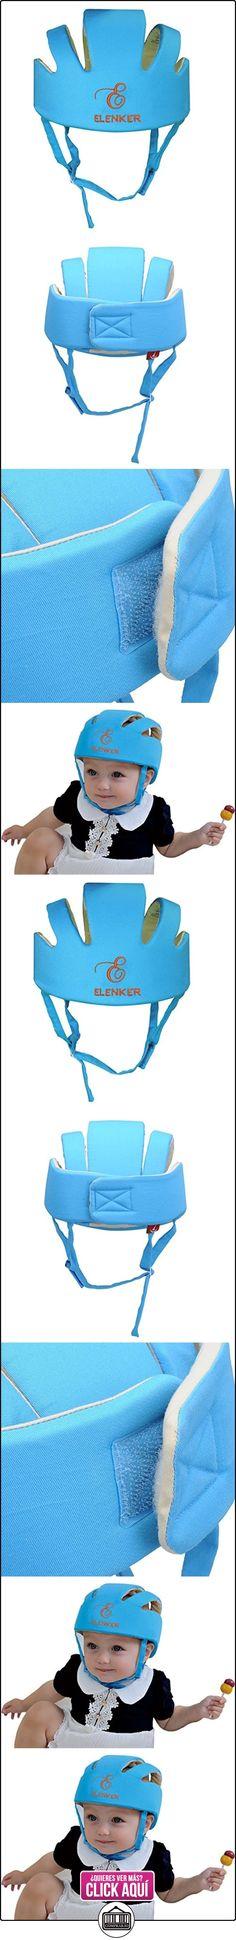 Infantil de casco de seguridad para bebé Niños gorro de cabeza protección para caminar gatear bebé niños bebé ajustable casco de seguridad casco protector tapa protectora arneses–azul  ✿ Seguridad para tu bebé - (Protege a tus hijos) ✿ ▬► Ver oferta: https://comprar.io/goto/B019K1QUNK